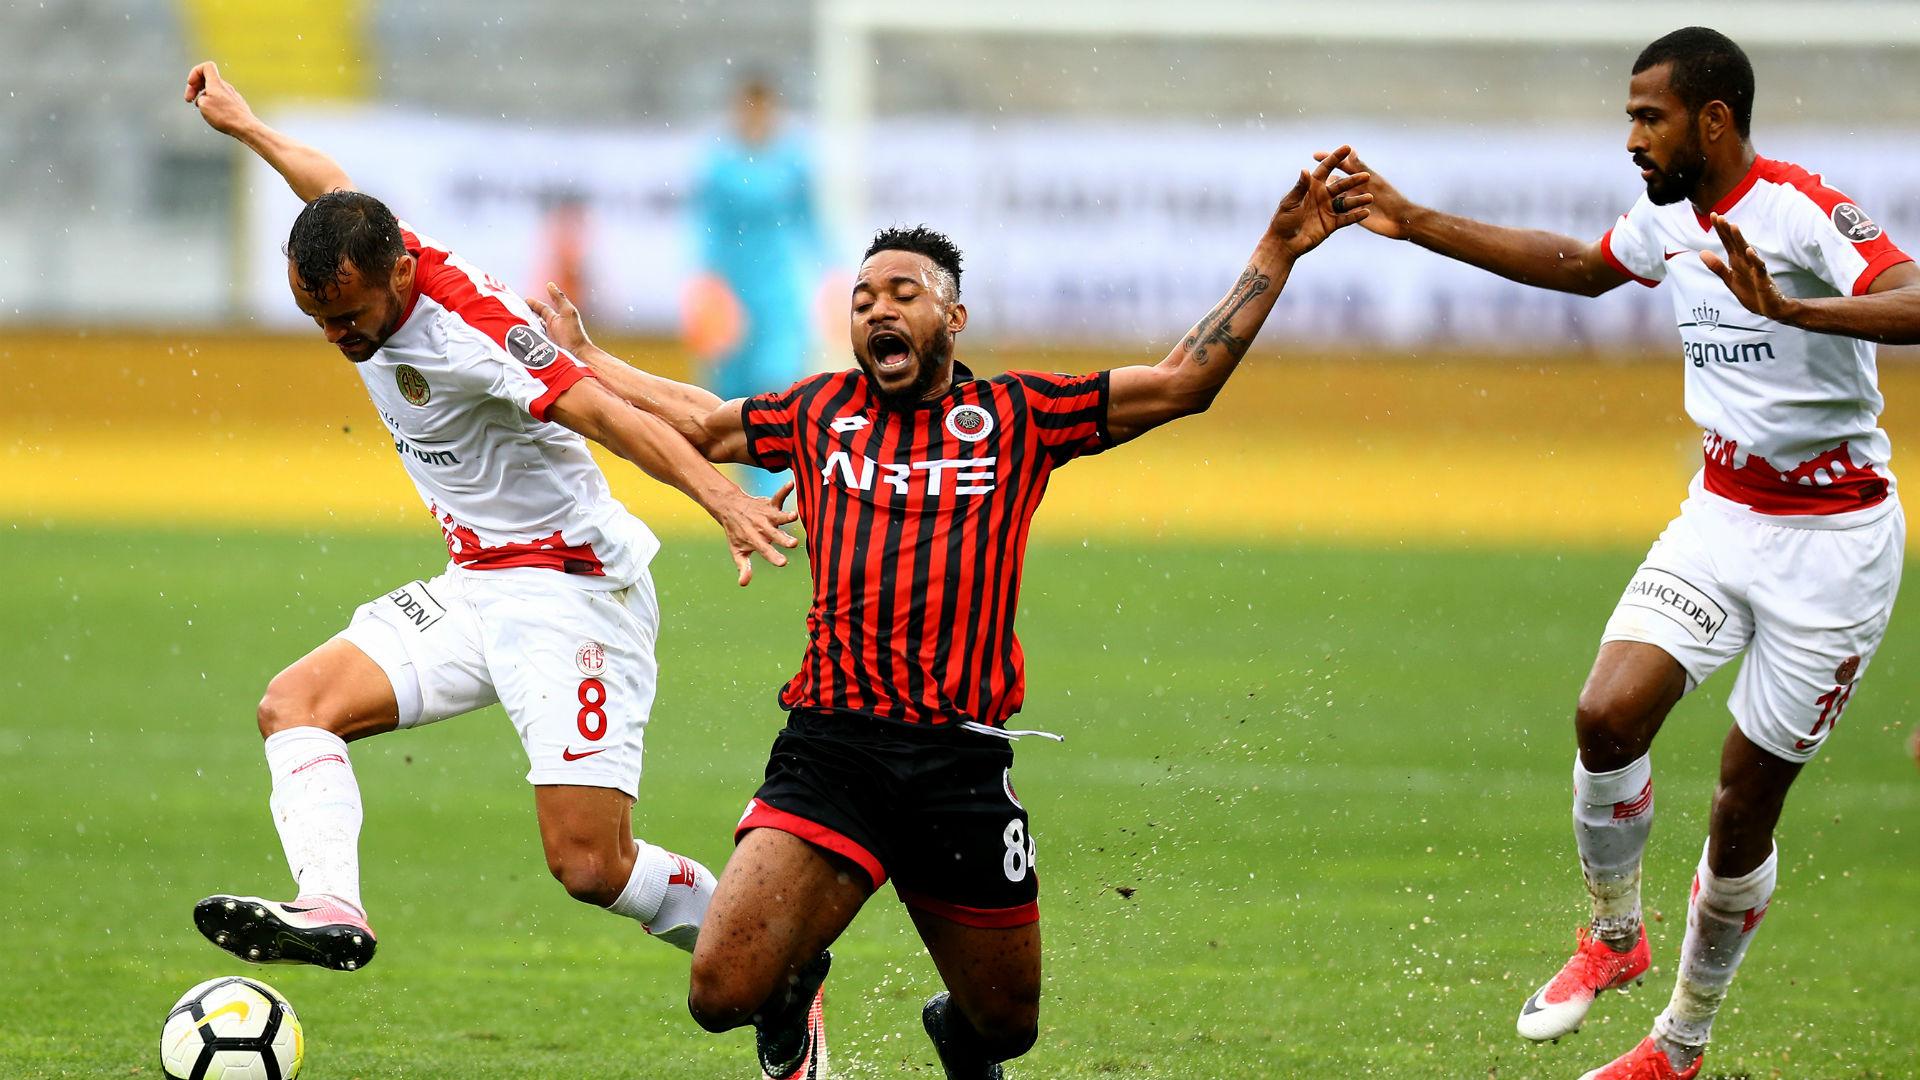 Stephane Sessegnon's goal earns Genclerbirligi first point of the season vs Trabzonspor